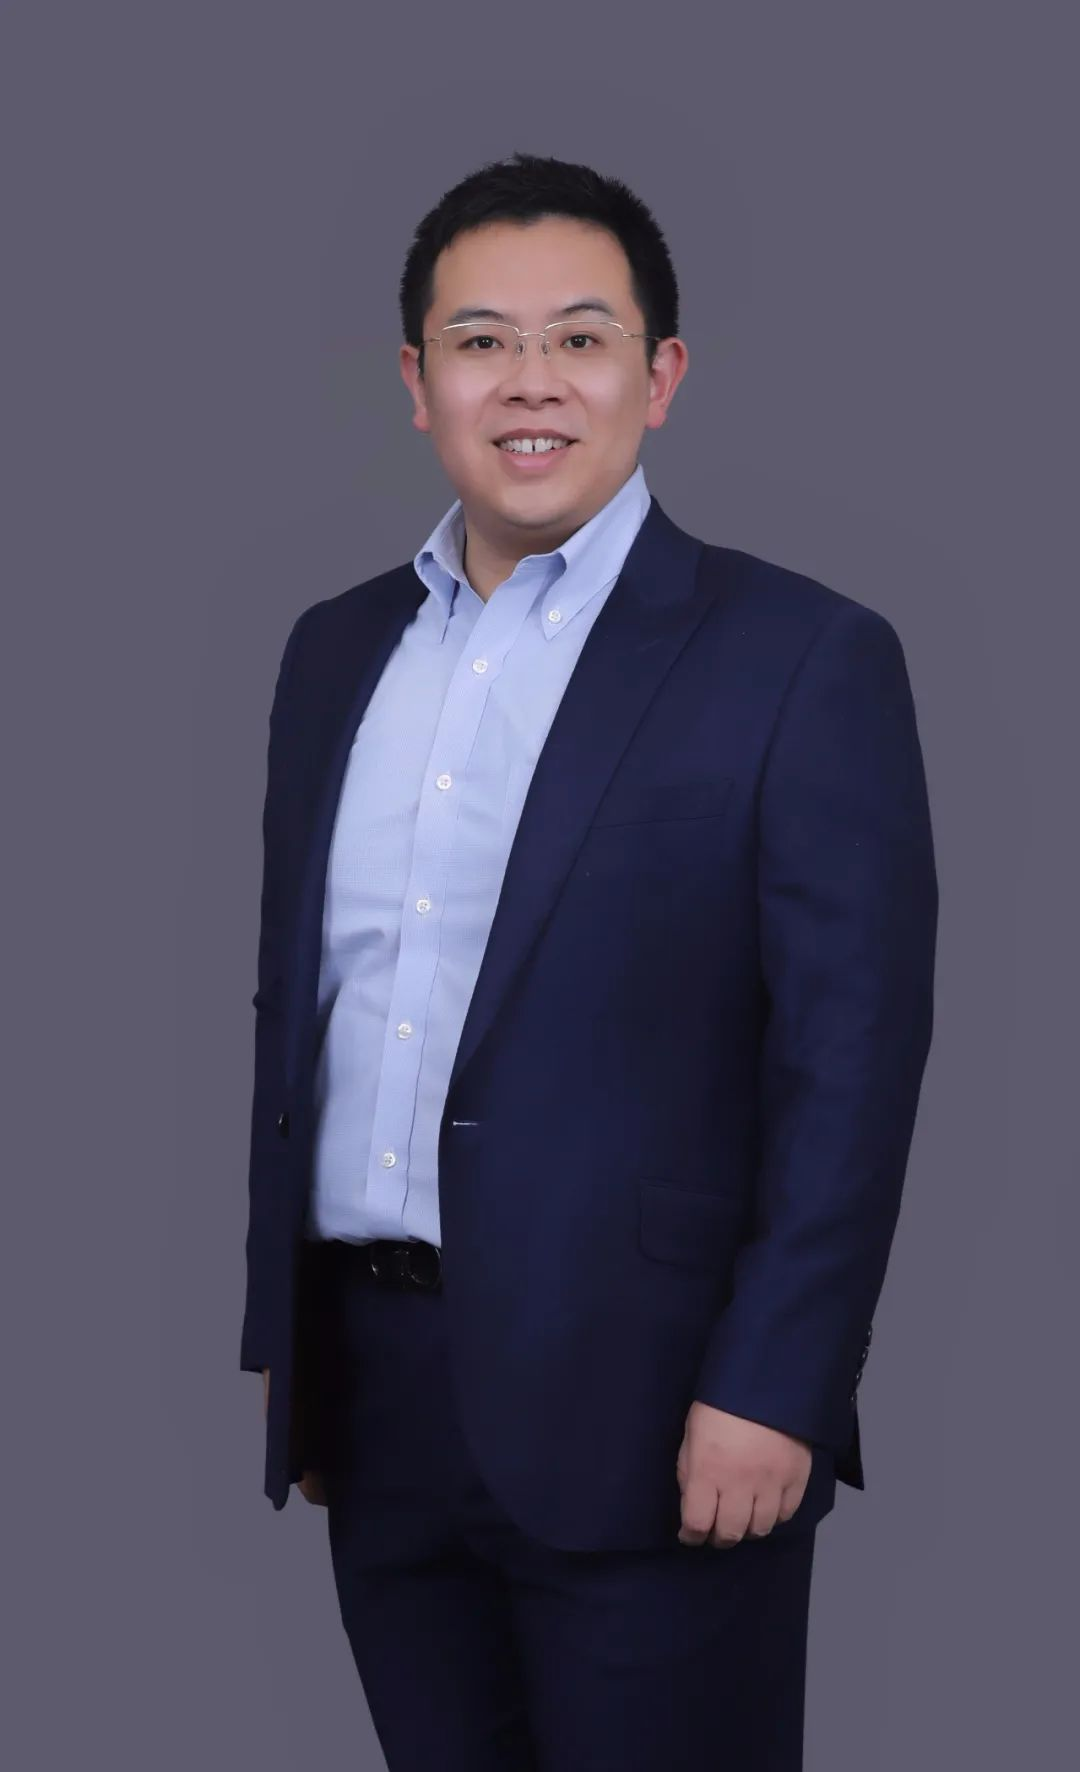 【银河电子傅楚雄】公司点评丨TCL科技 (000100):2020年业绩预告超预期,创新产品持续引领潮流